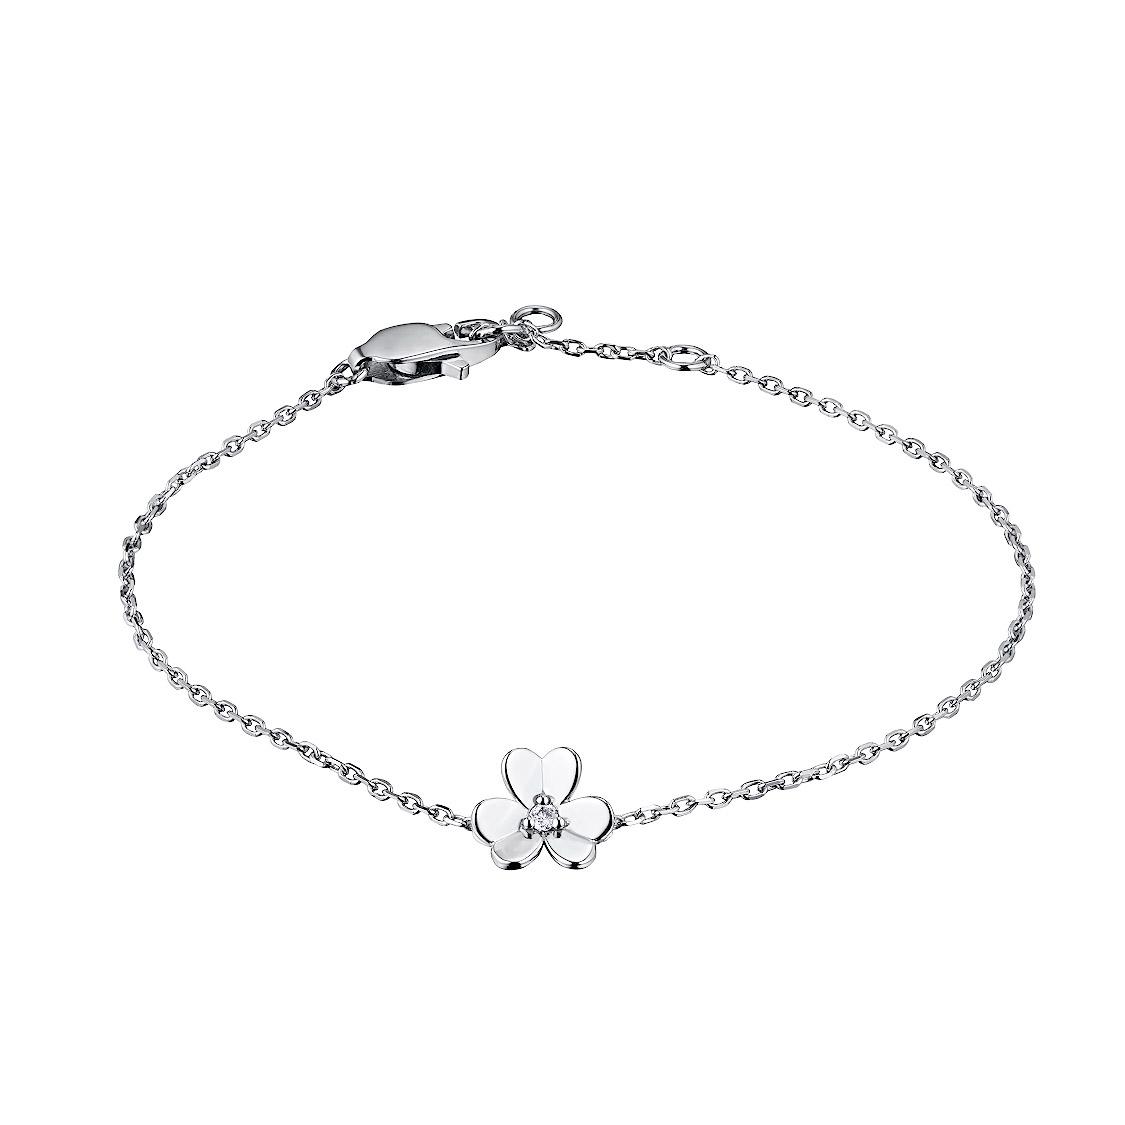 Браслет из серебра с бриллиантом э06Бр031854